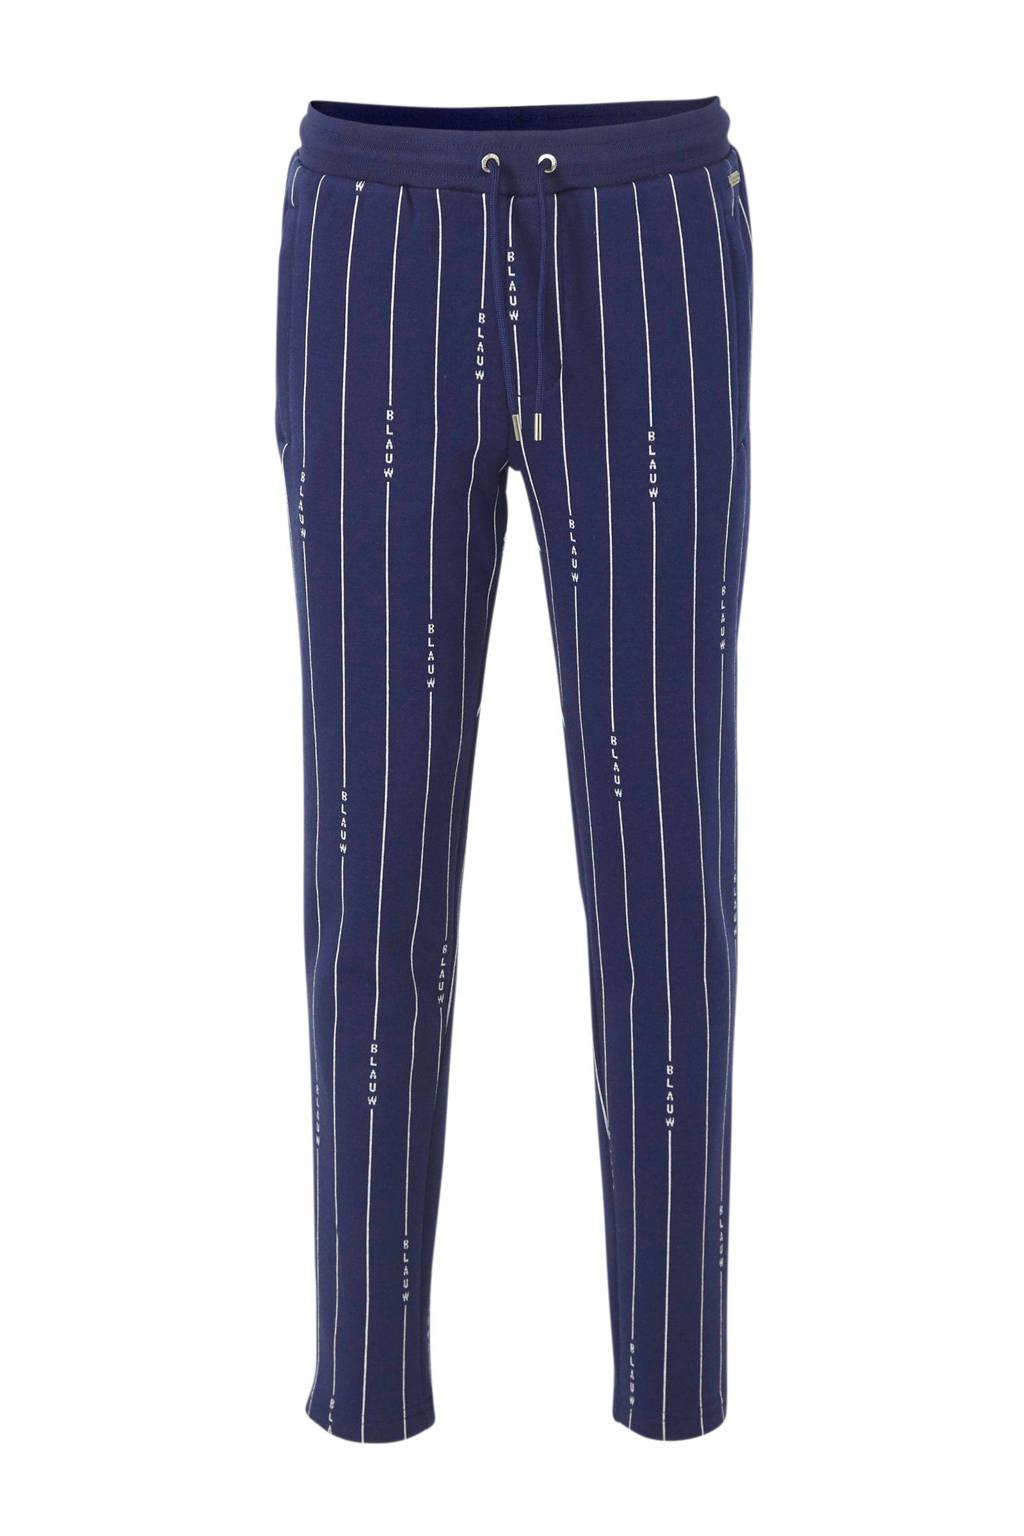 Scotch & Soda Amsterdams Blauw gestreepte skinny broek donkerblauw/wit, Donkerblauw/wit